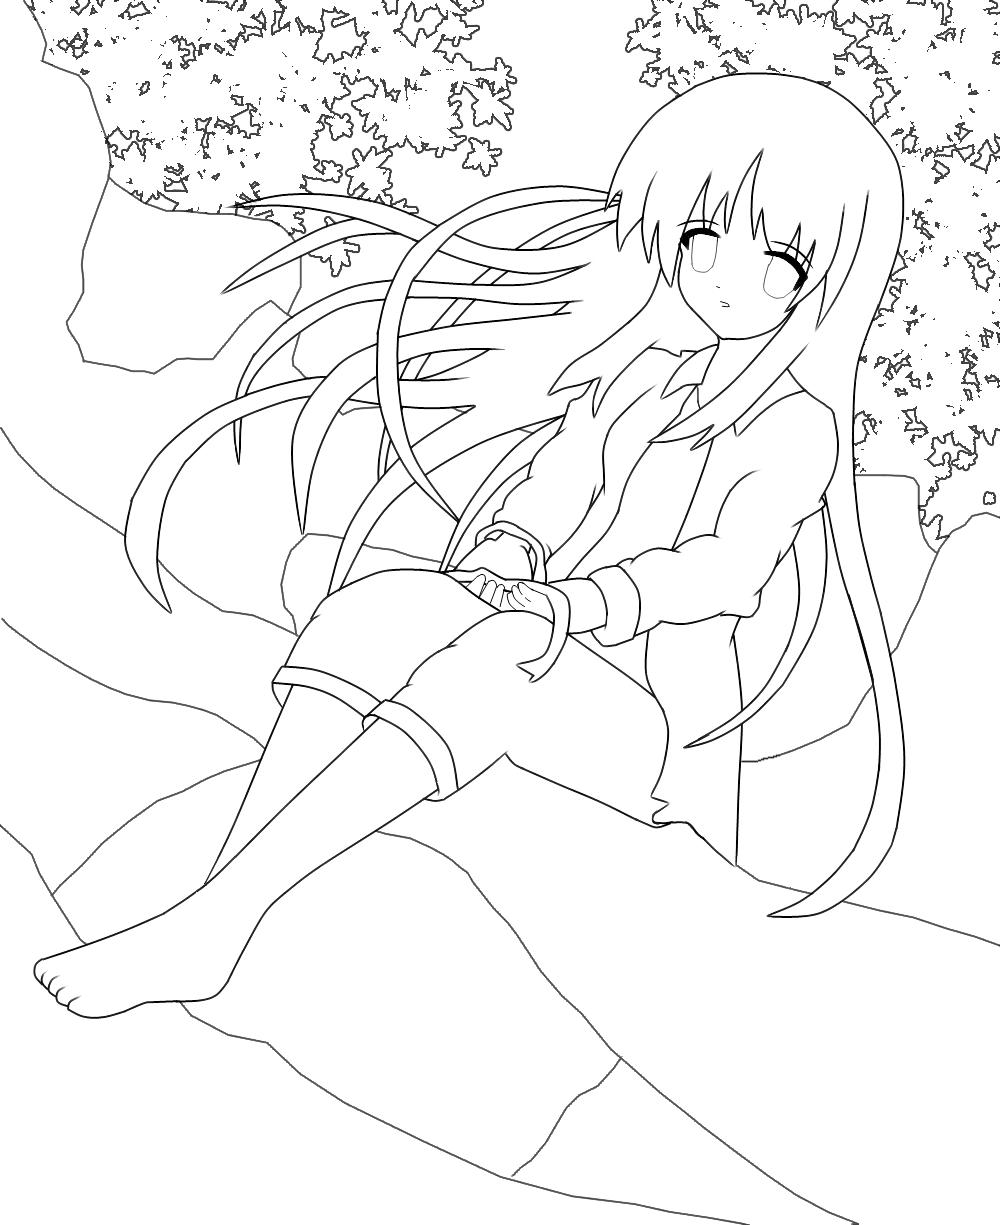 Anime Girl Lineart : Anime girl lineart by azrx on deviantart